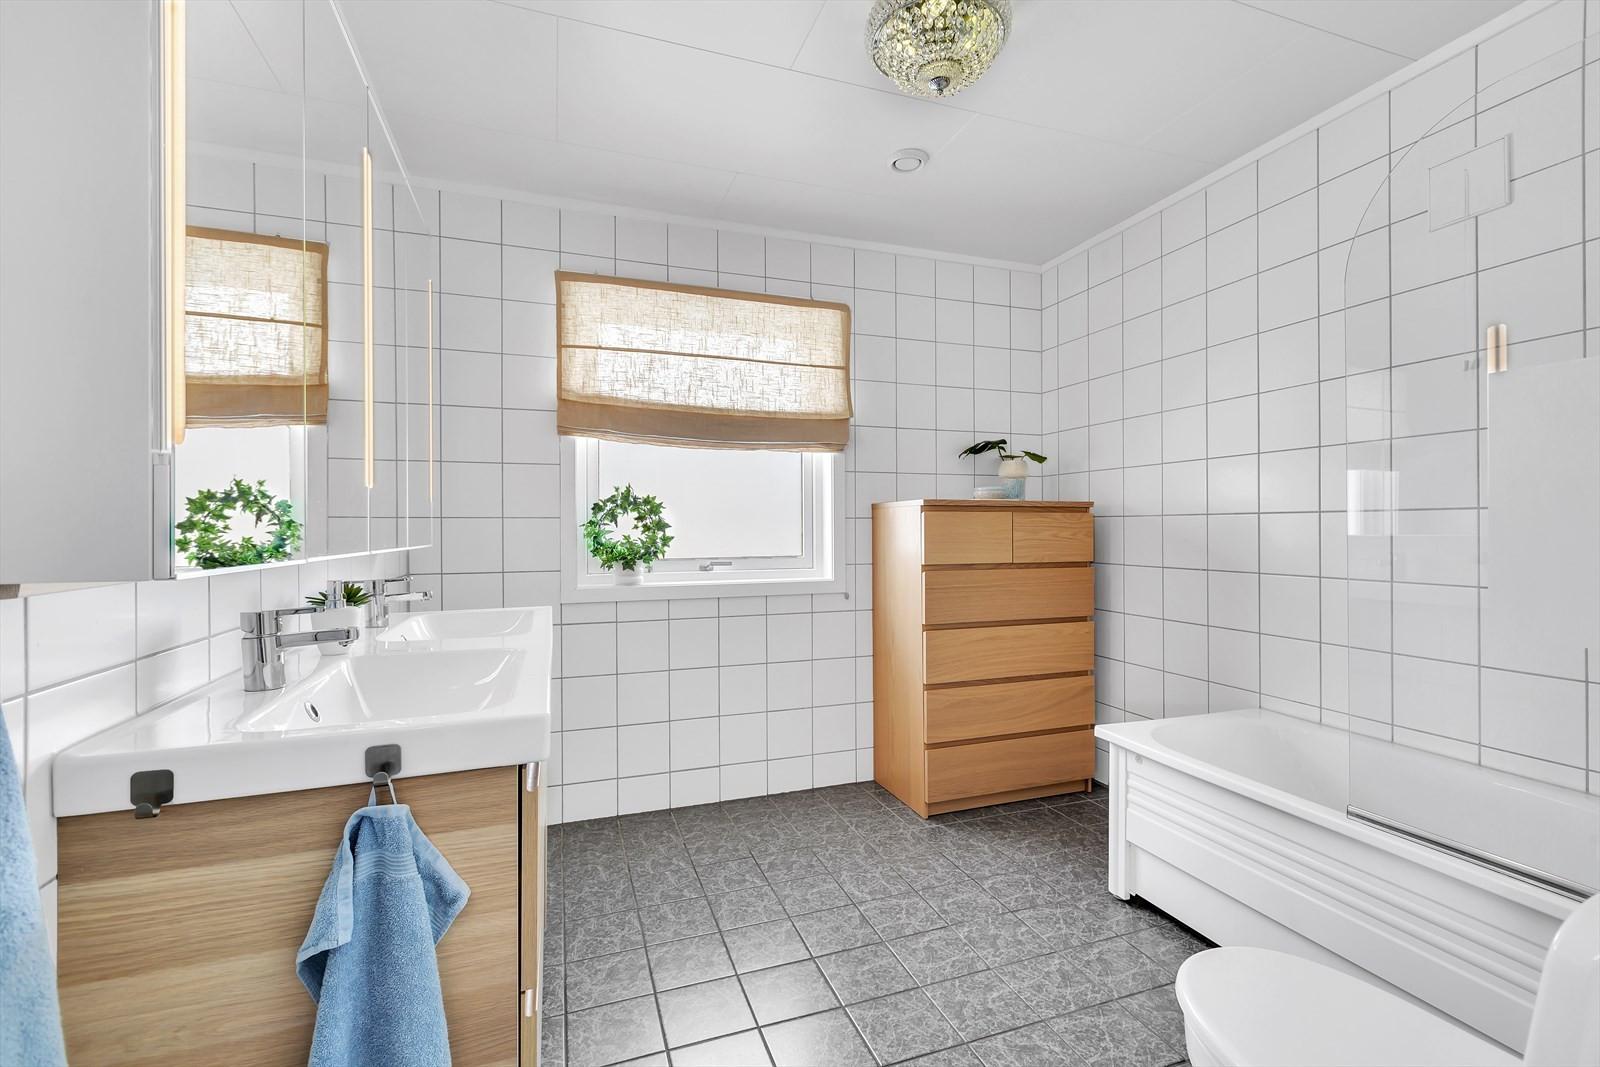 Badrom 1. etasje. Komplett flislagt, badekar med dusjløsning, toalett og moderne innredninger.